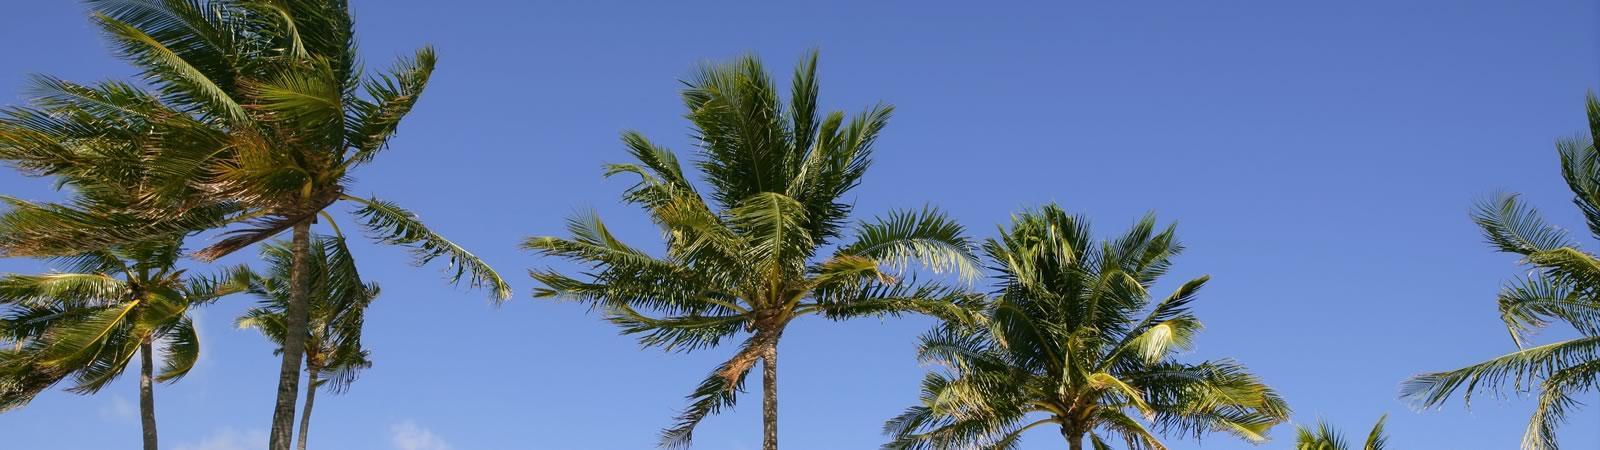 Calla Legal - Palm Beach Gardens